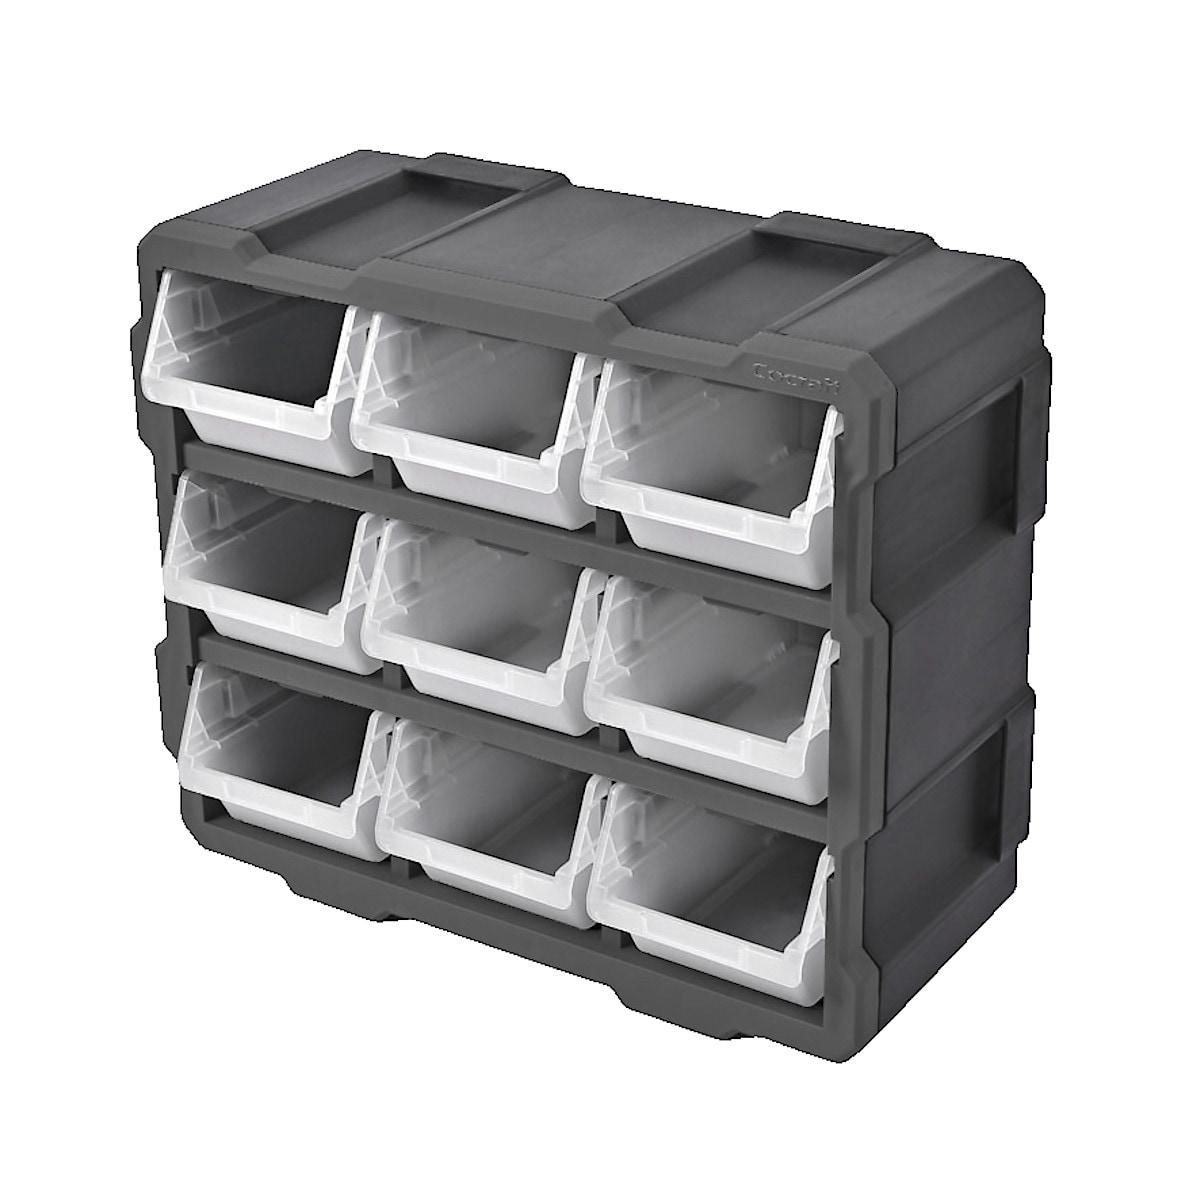 Förvaringslåda med plockbackar Cocraft FSS, 9-pack